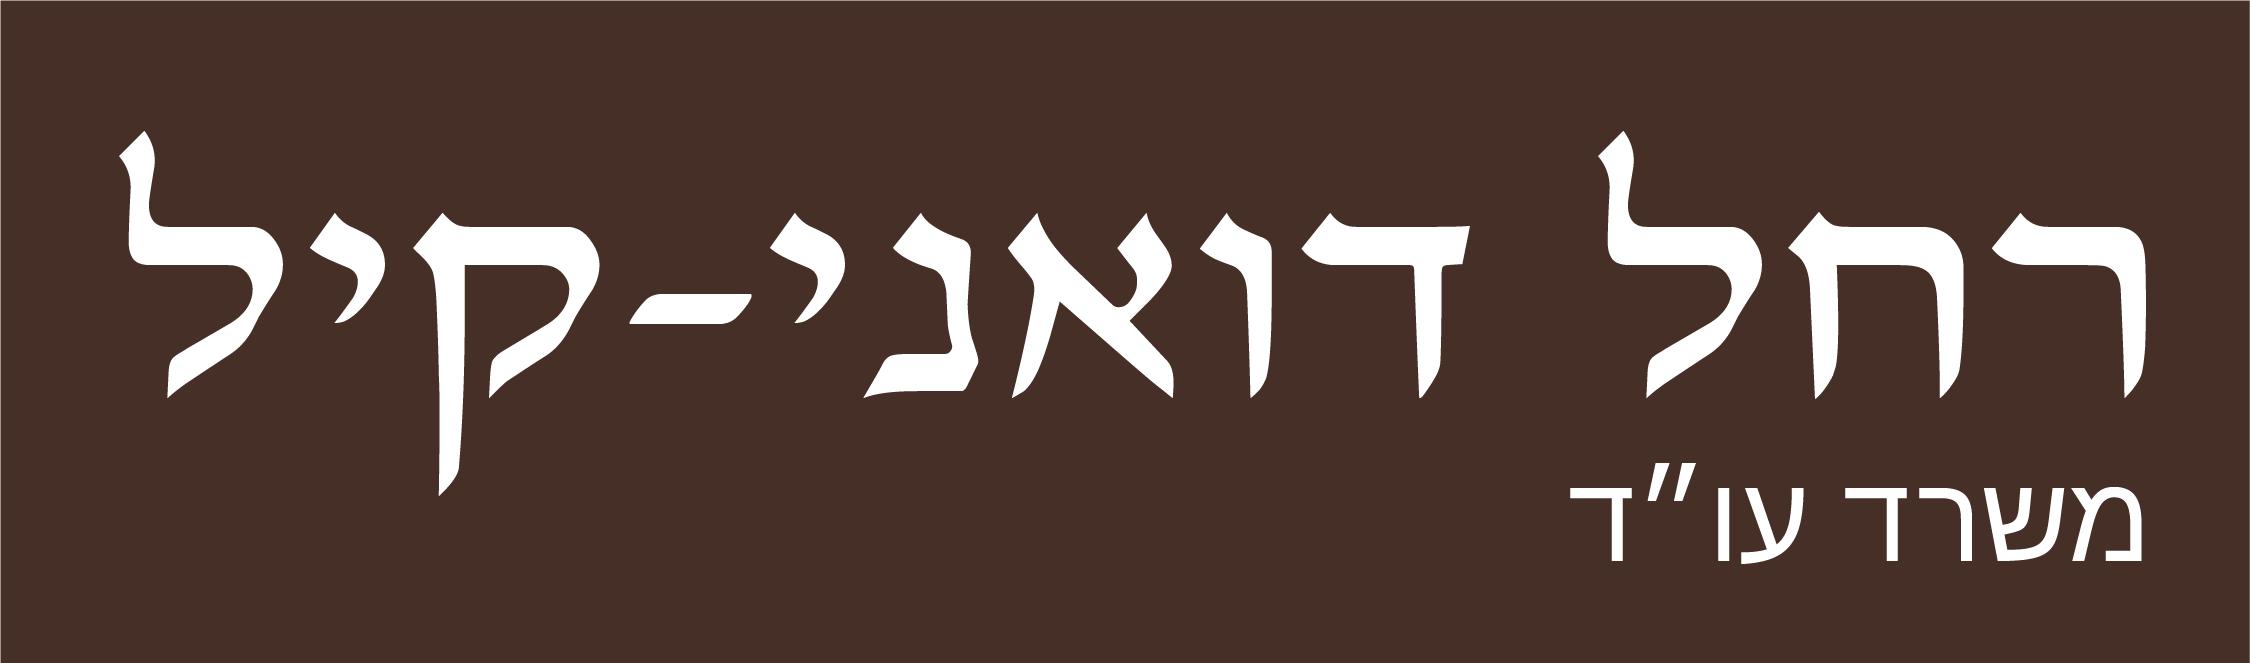 לוגו רחל דואני קיל עו״ד לוגו